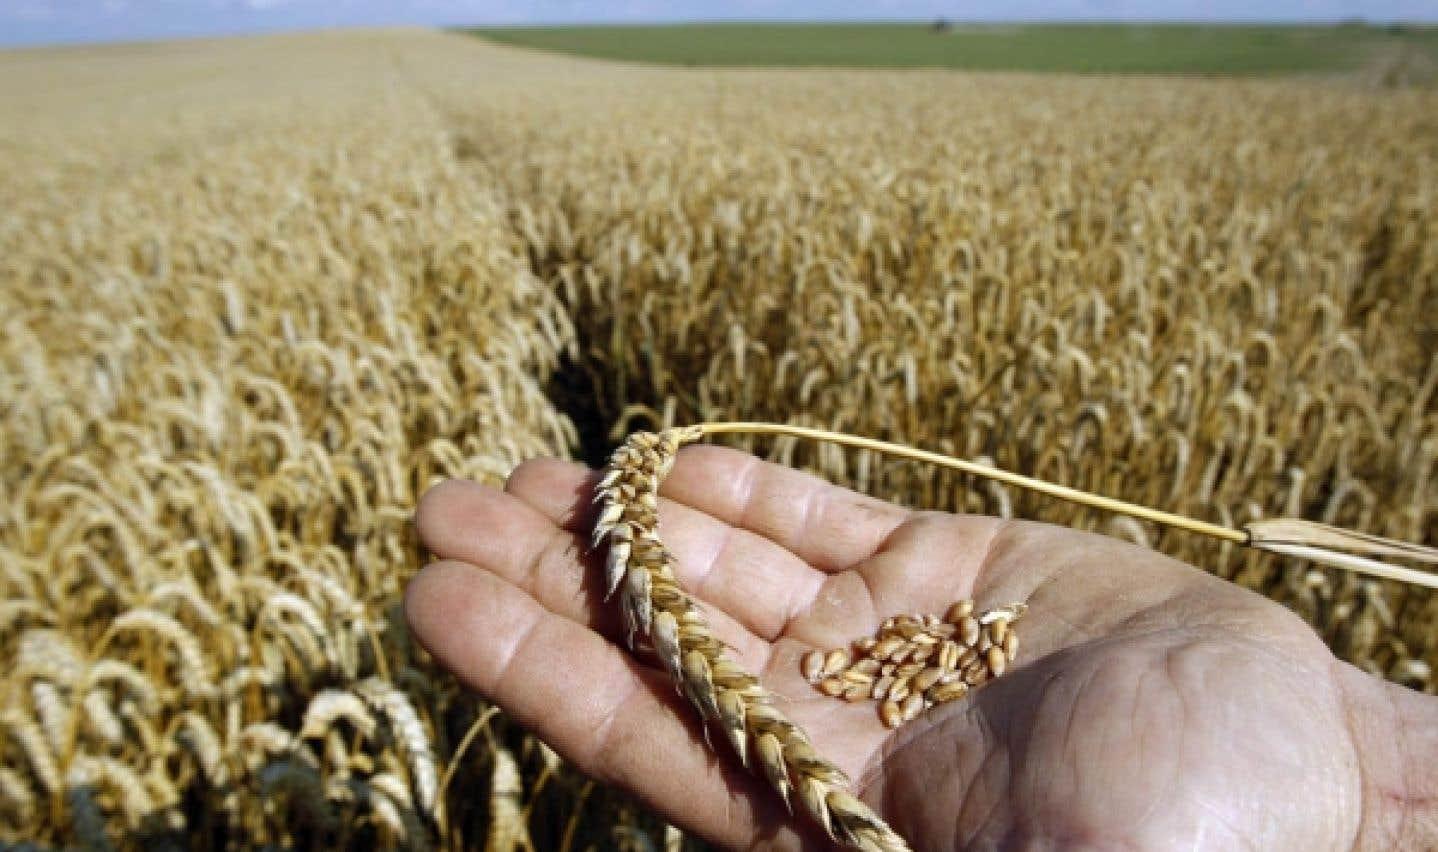 L'économie sociale et solidaire font la promotion d'une agriculture familiale qui vise à favoriser l'accès à la propriété et aux terres pour les familles afin de leur assurer des denrées.